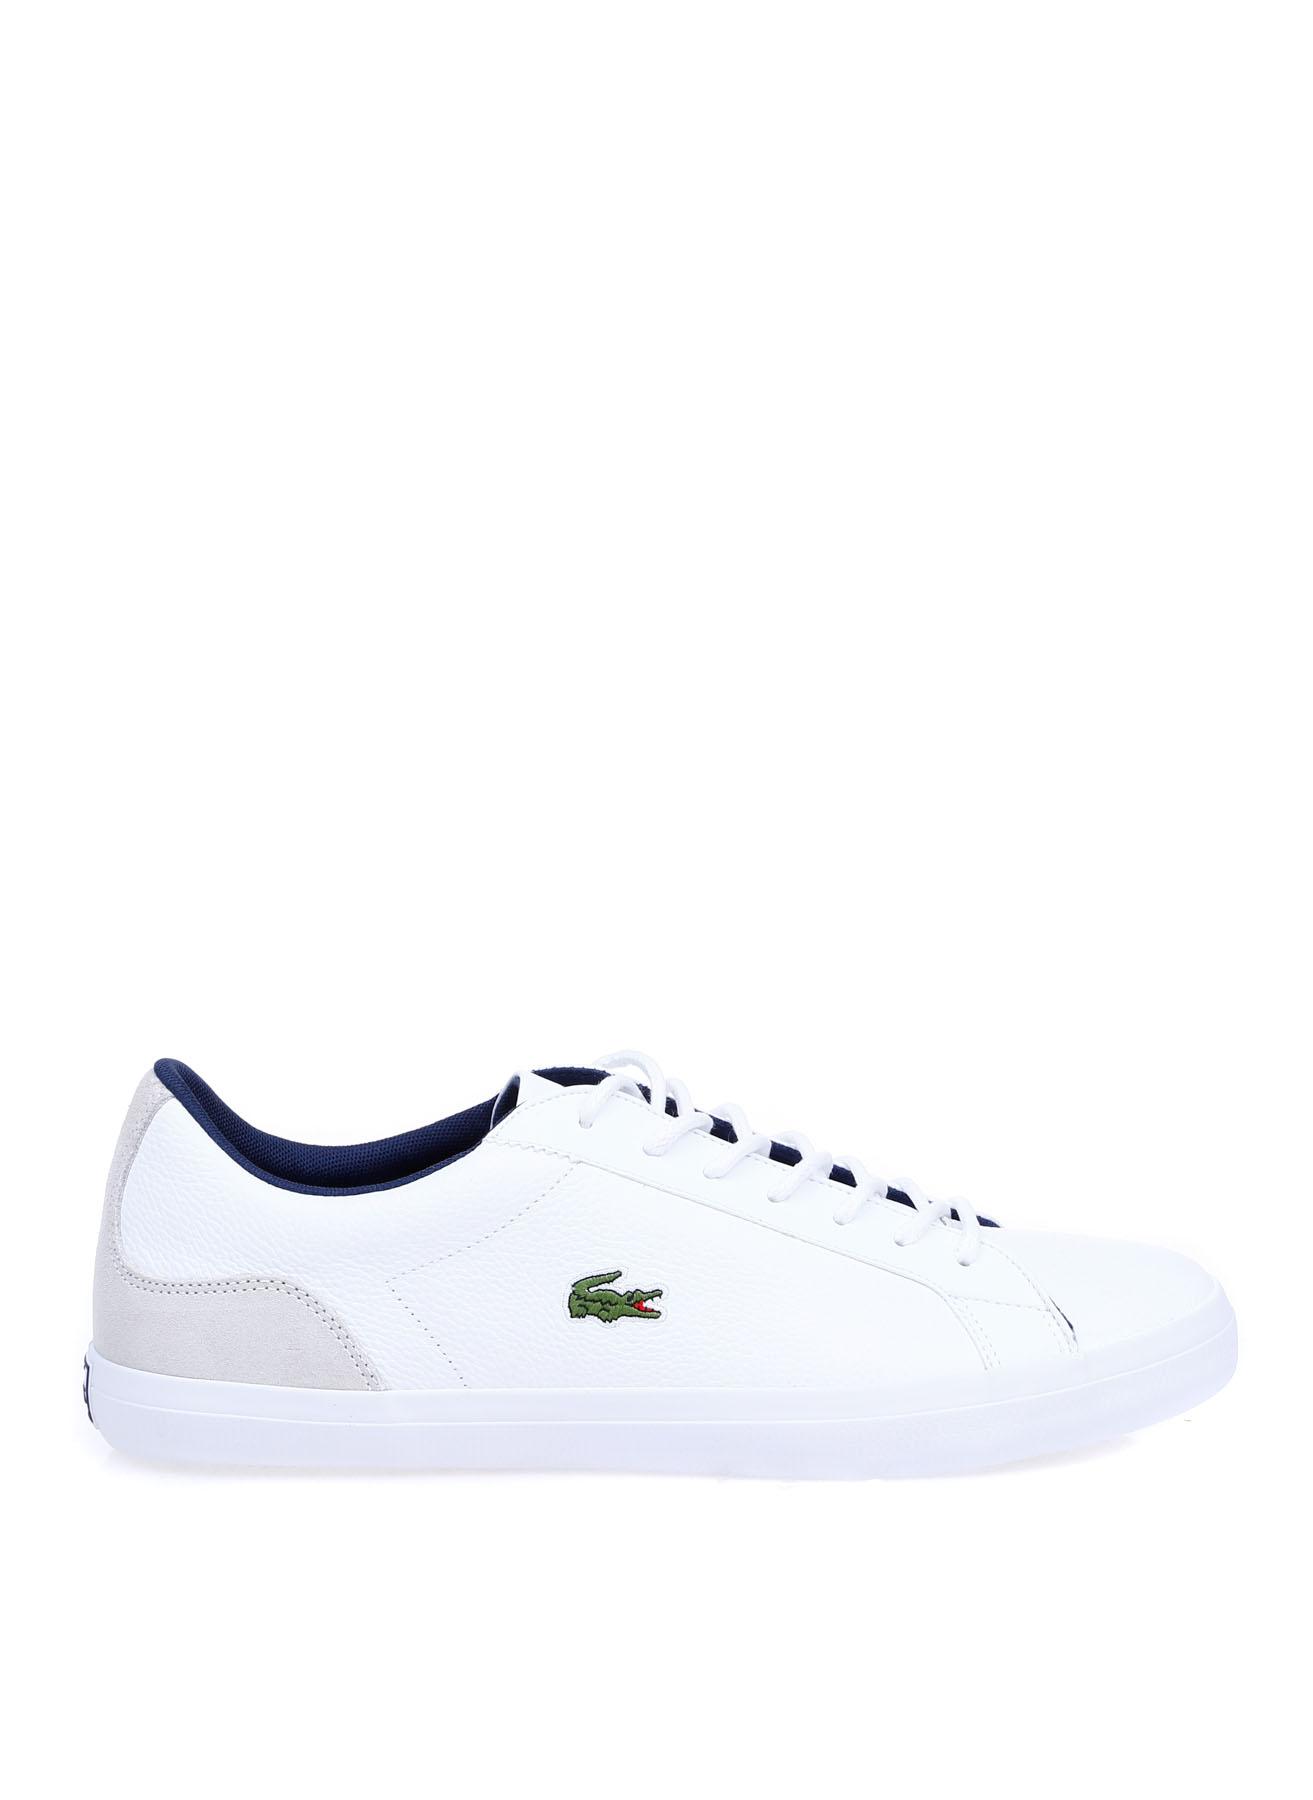 Lacoste Erkek Deri Beyaz Lifestyle Ayakkabı 44 5002314237006 Ürün Resmi